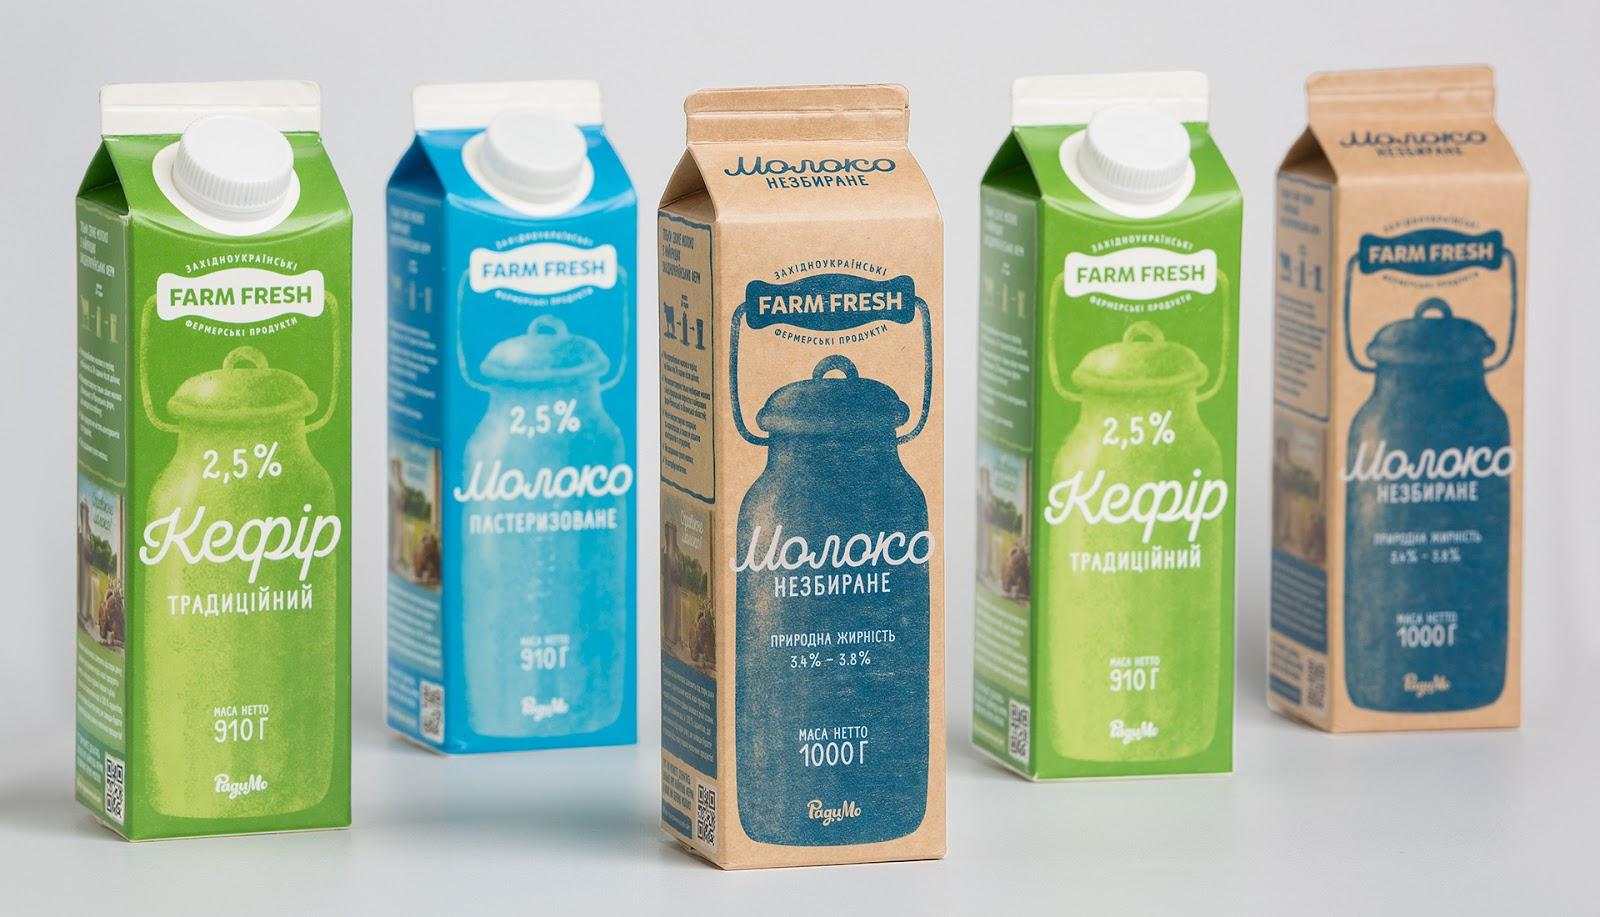 复古风格设计的Farm Fresh牛奶包装